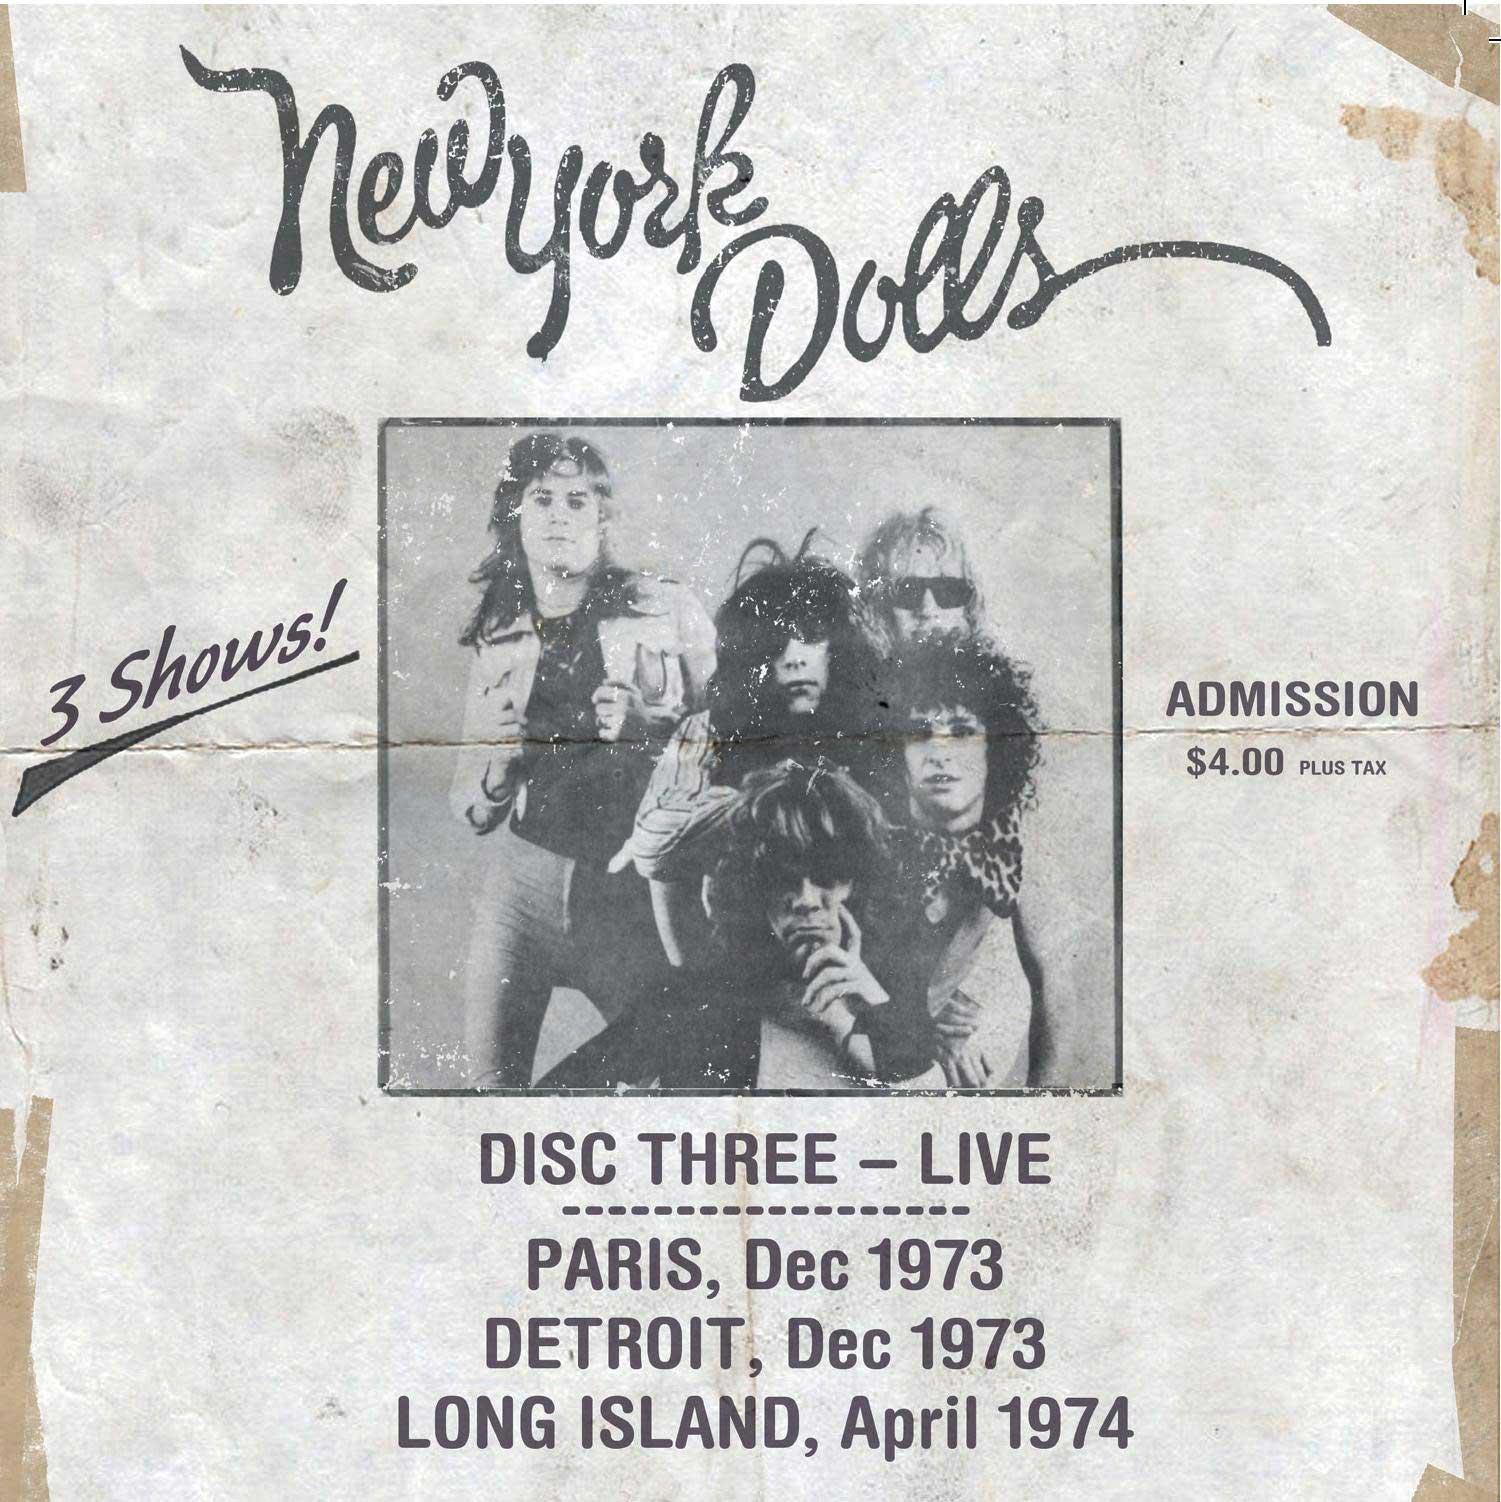 New Order - 1988 Demos